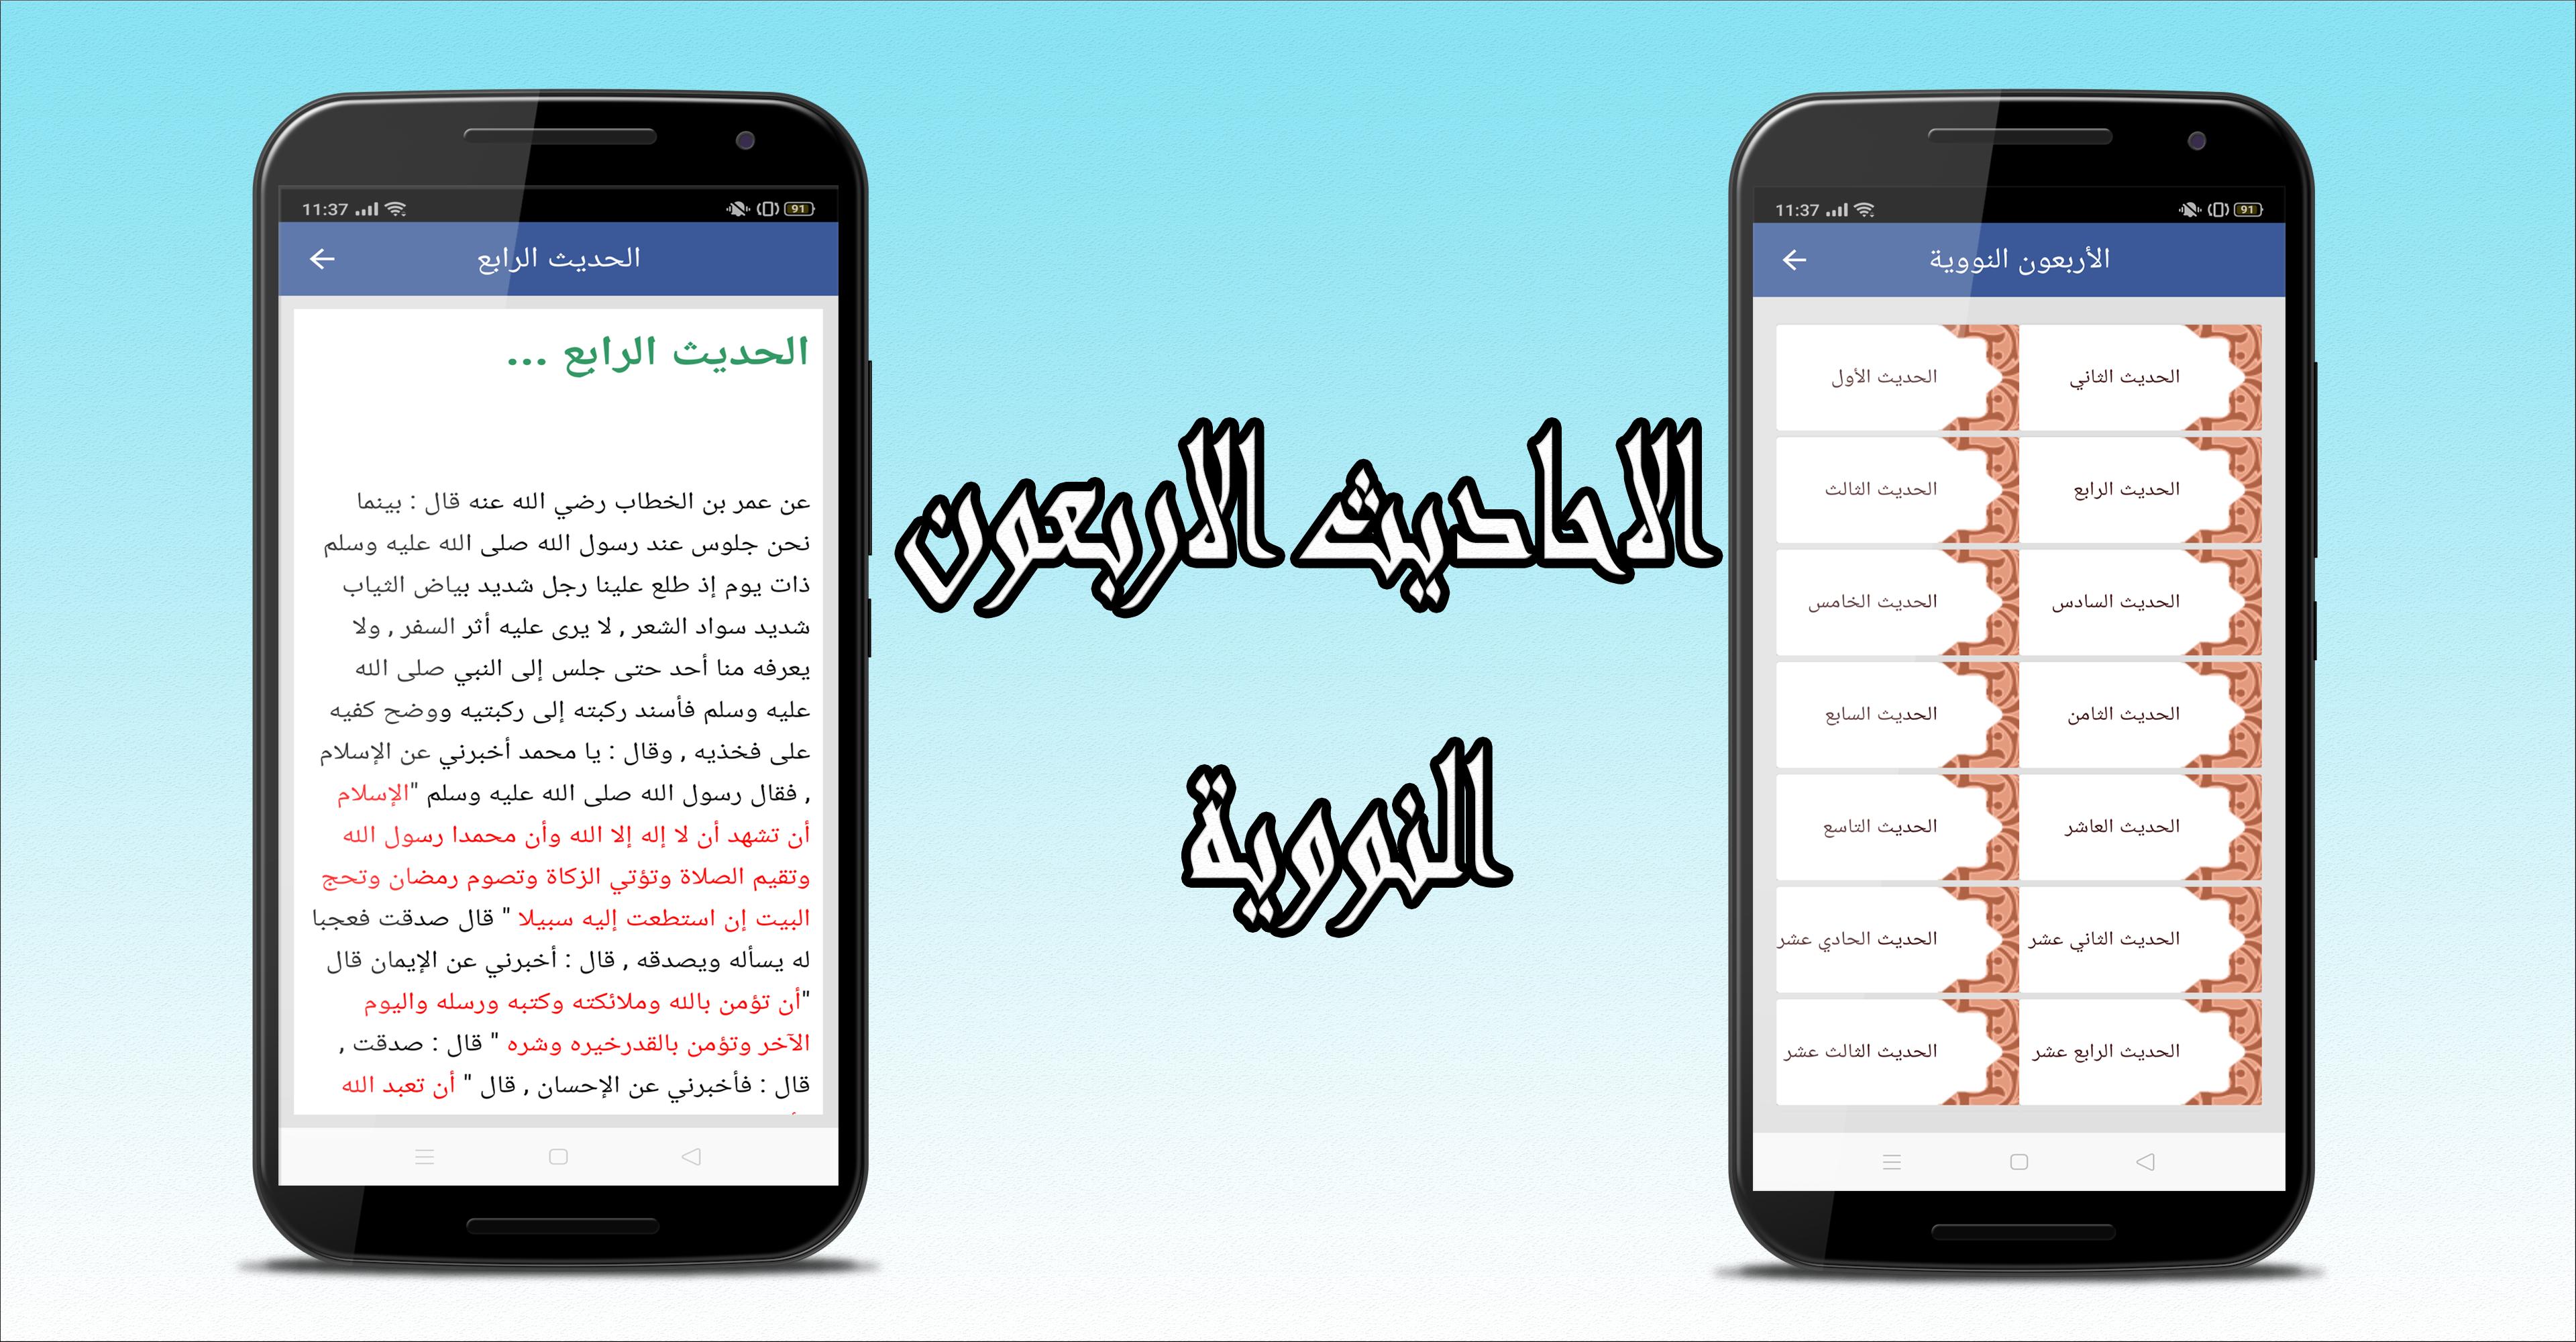 تطبيق زادك يا مسلم حمل الان P_1497ve5z78